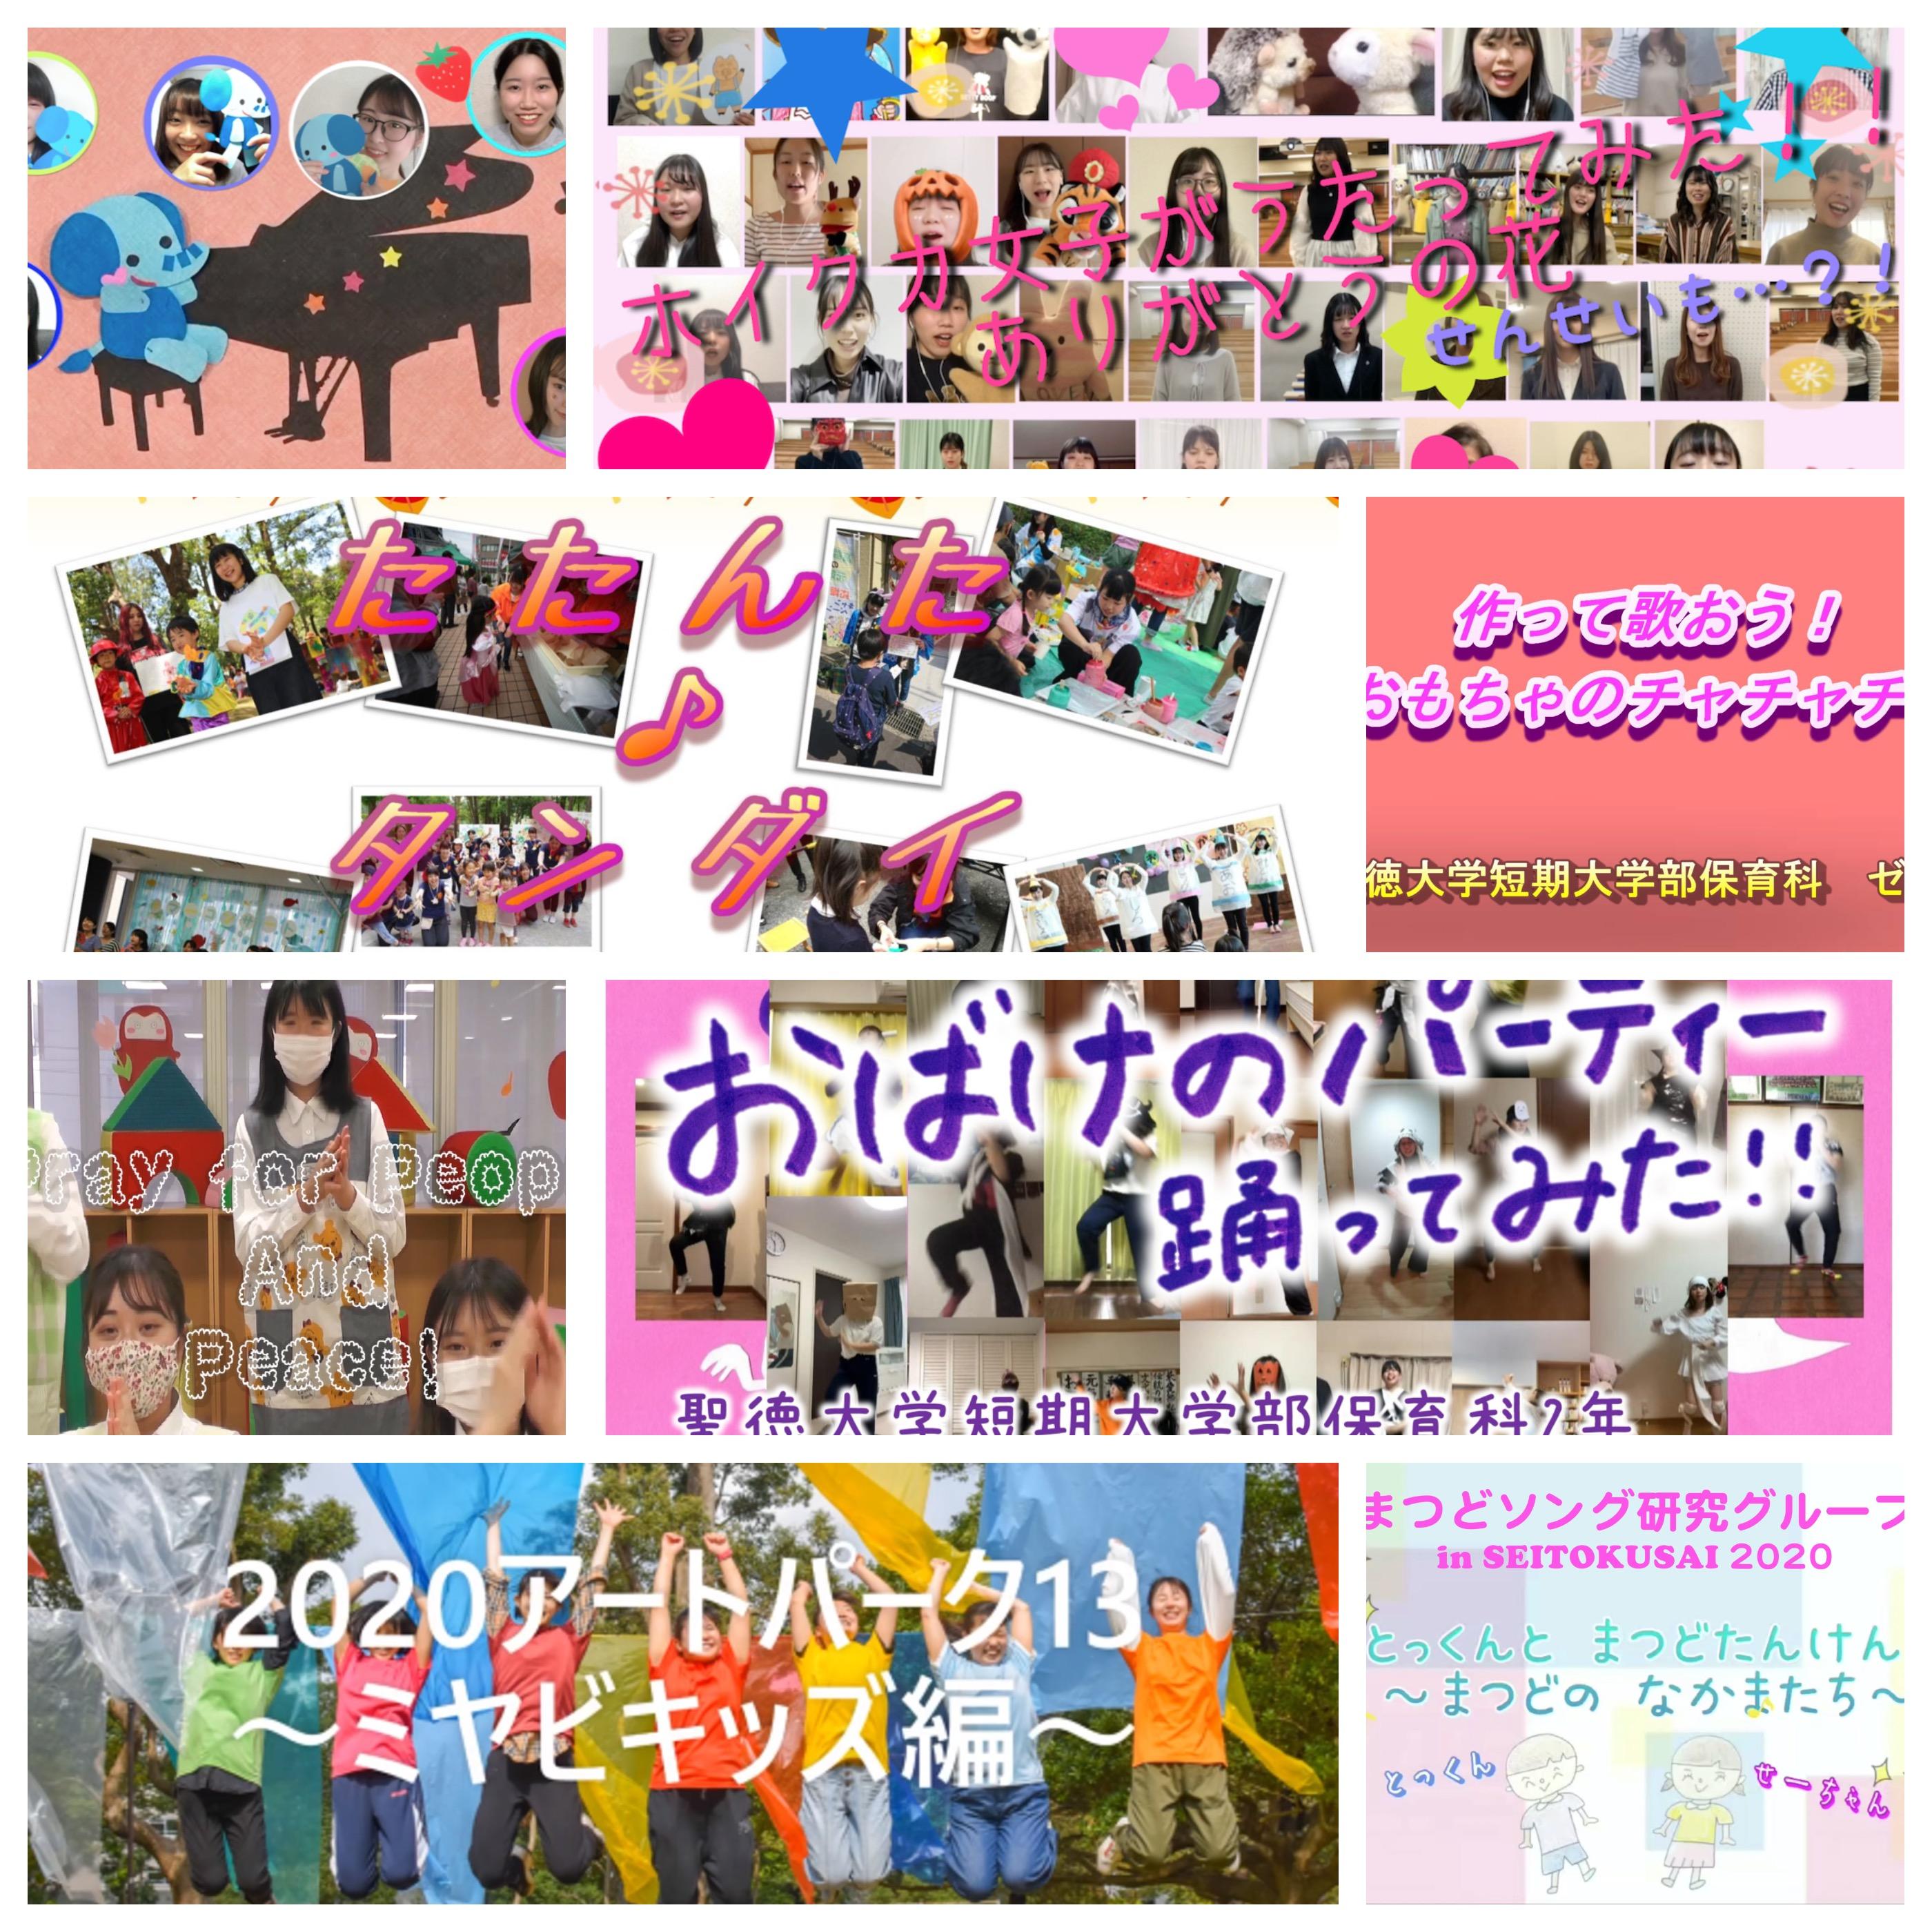 聖徳祭の感動を再び!!!